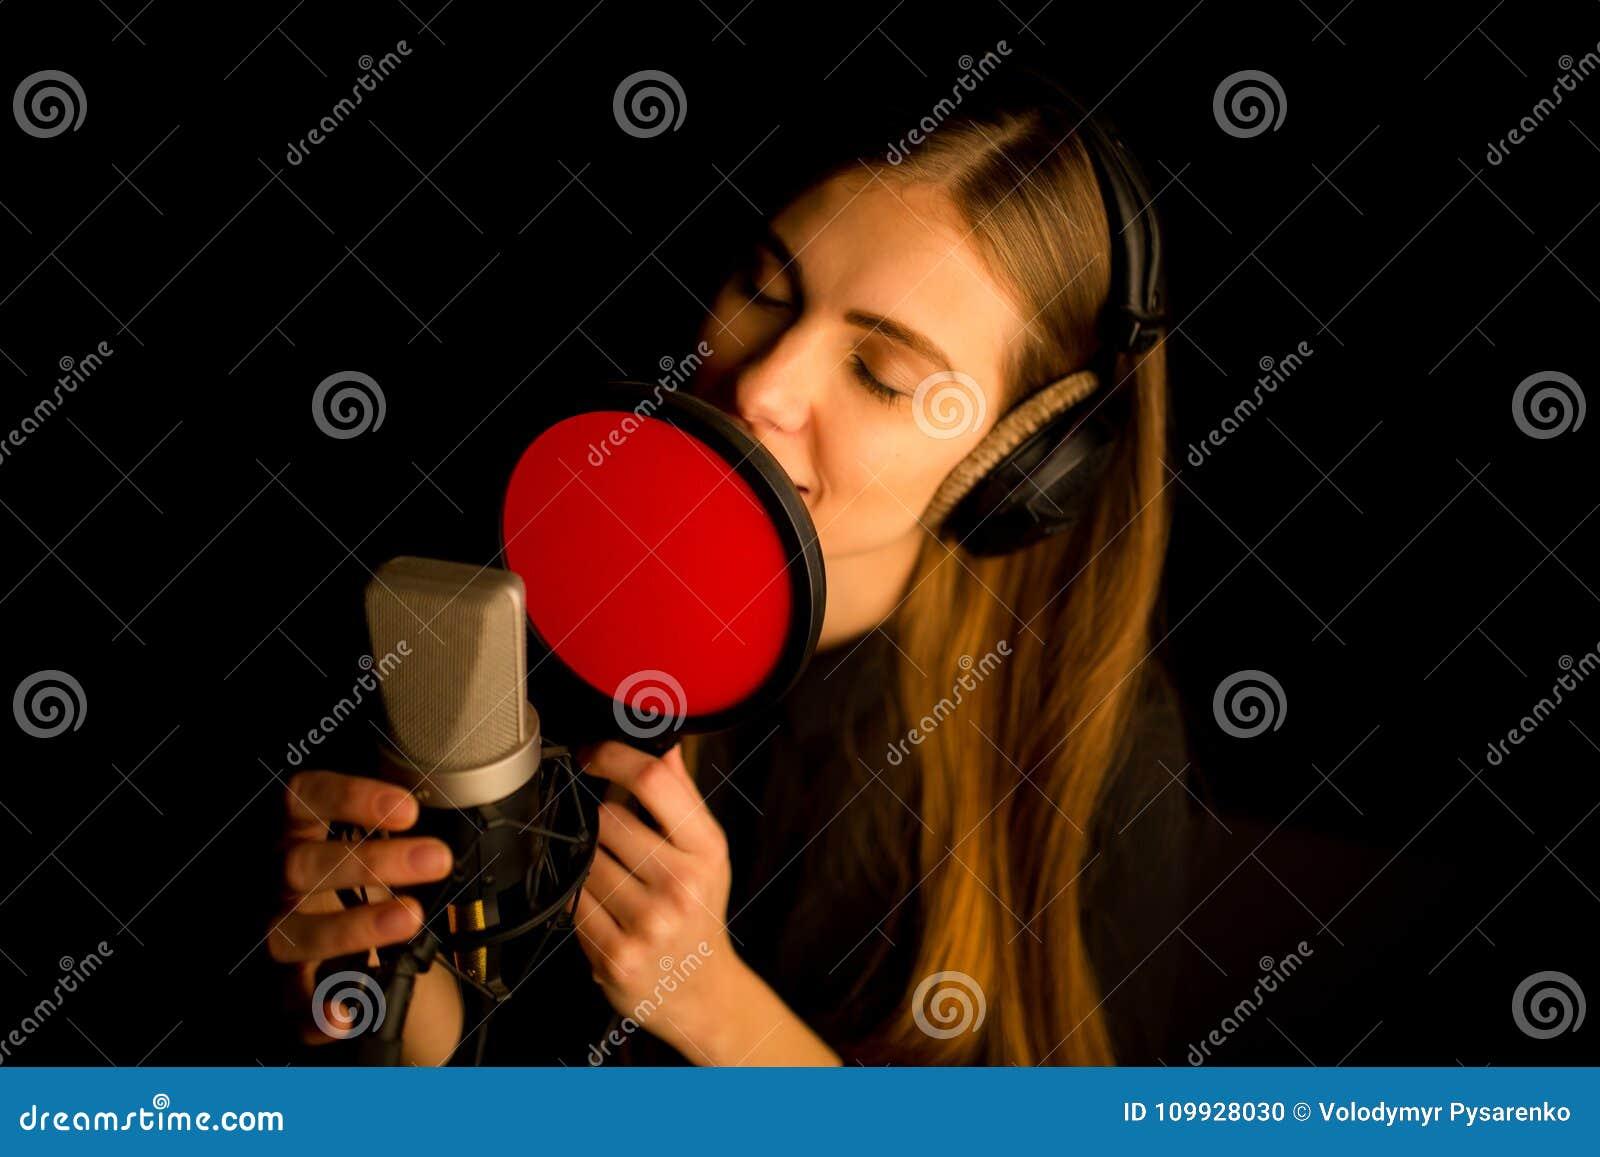 唱歌对话筒的女孩在演播室 创造新的歌曲的过程